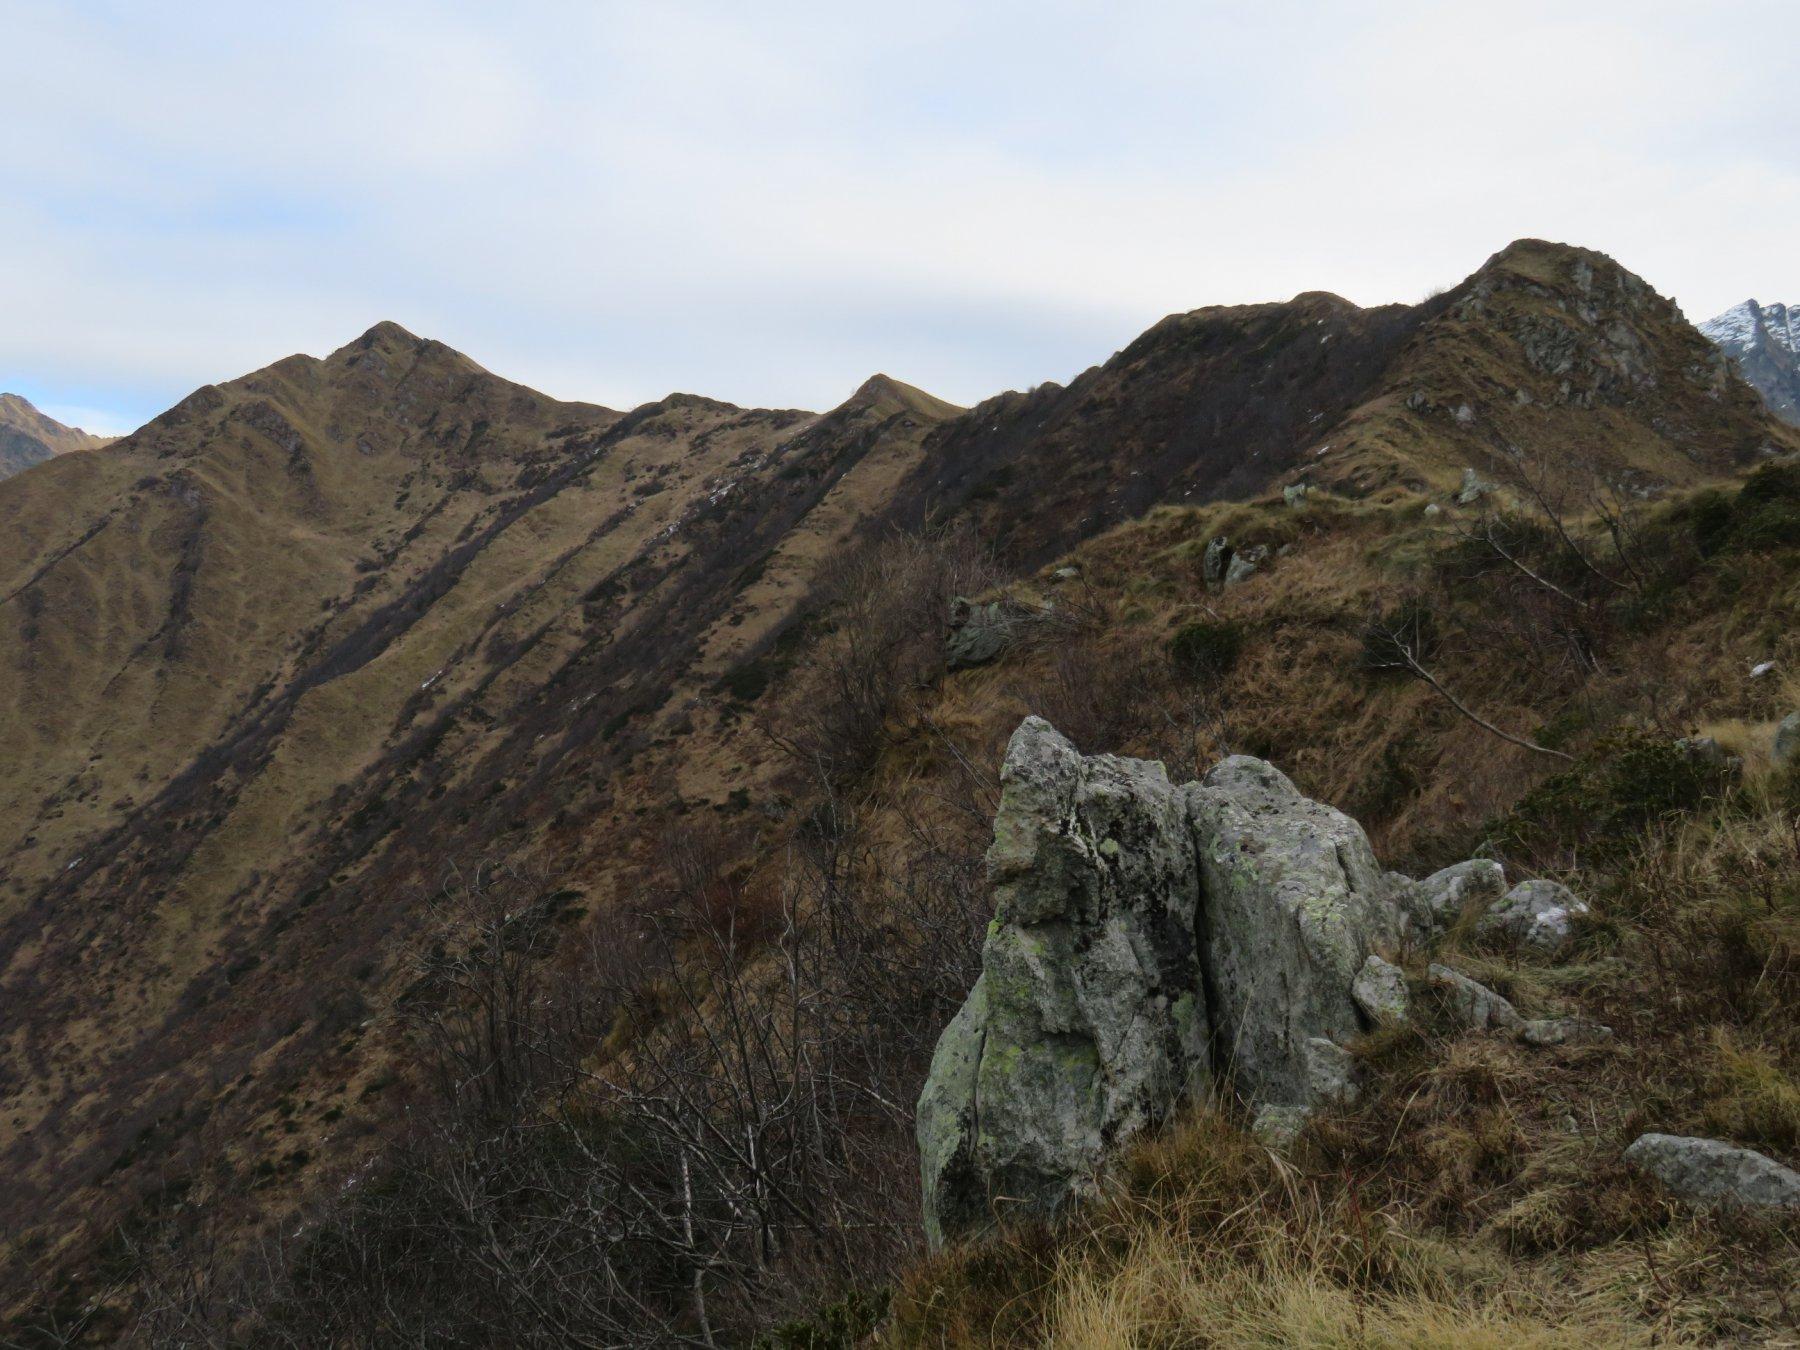 A sinistra la Cima la Rocco, a destra il Monte Rossin